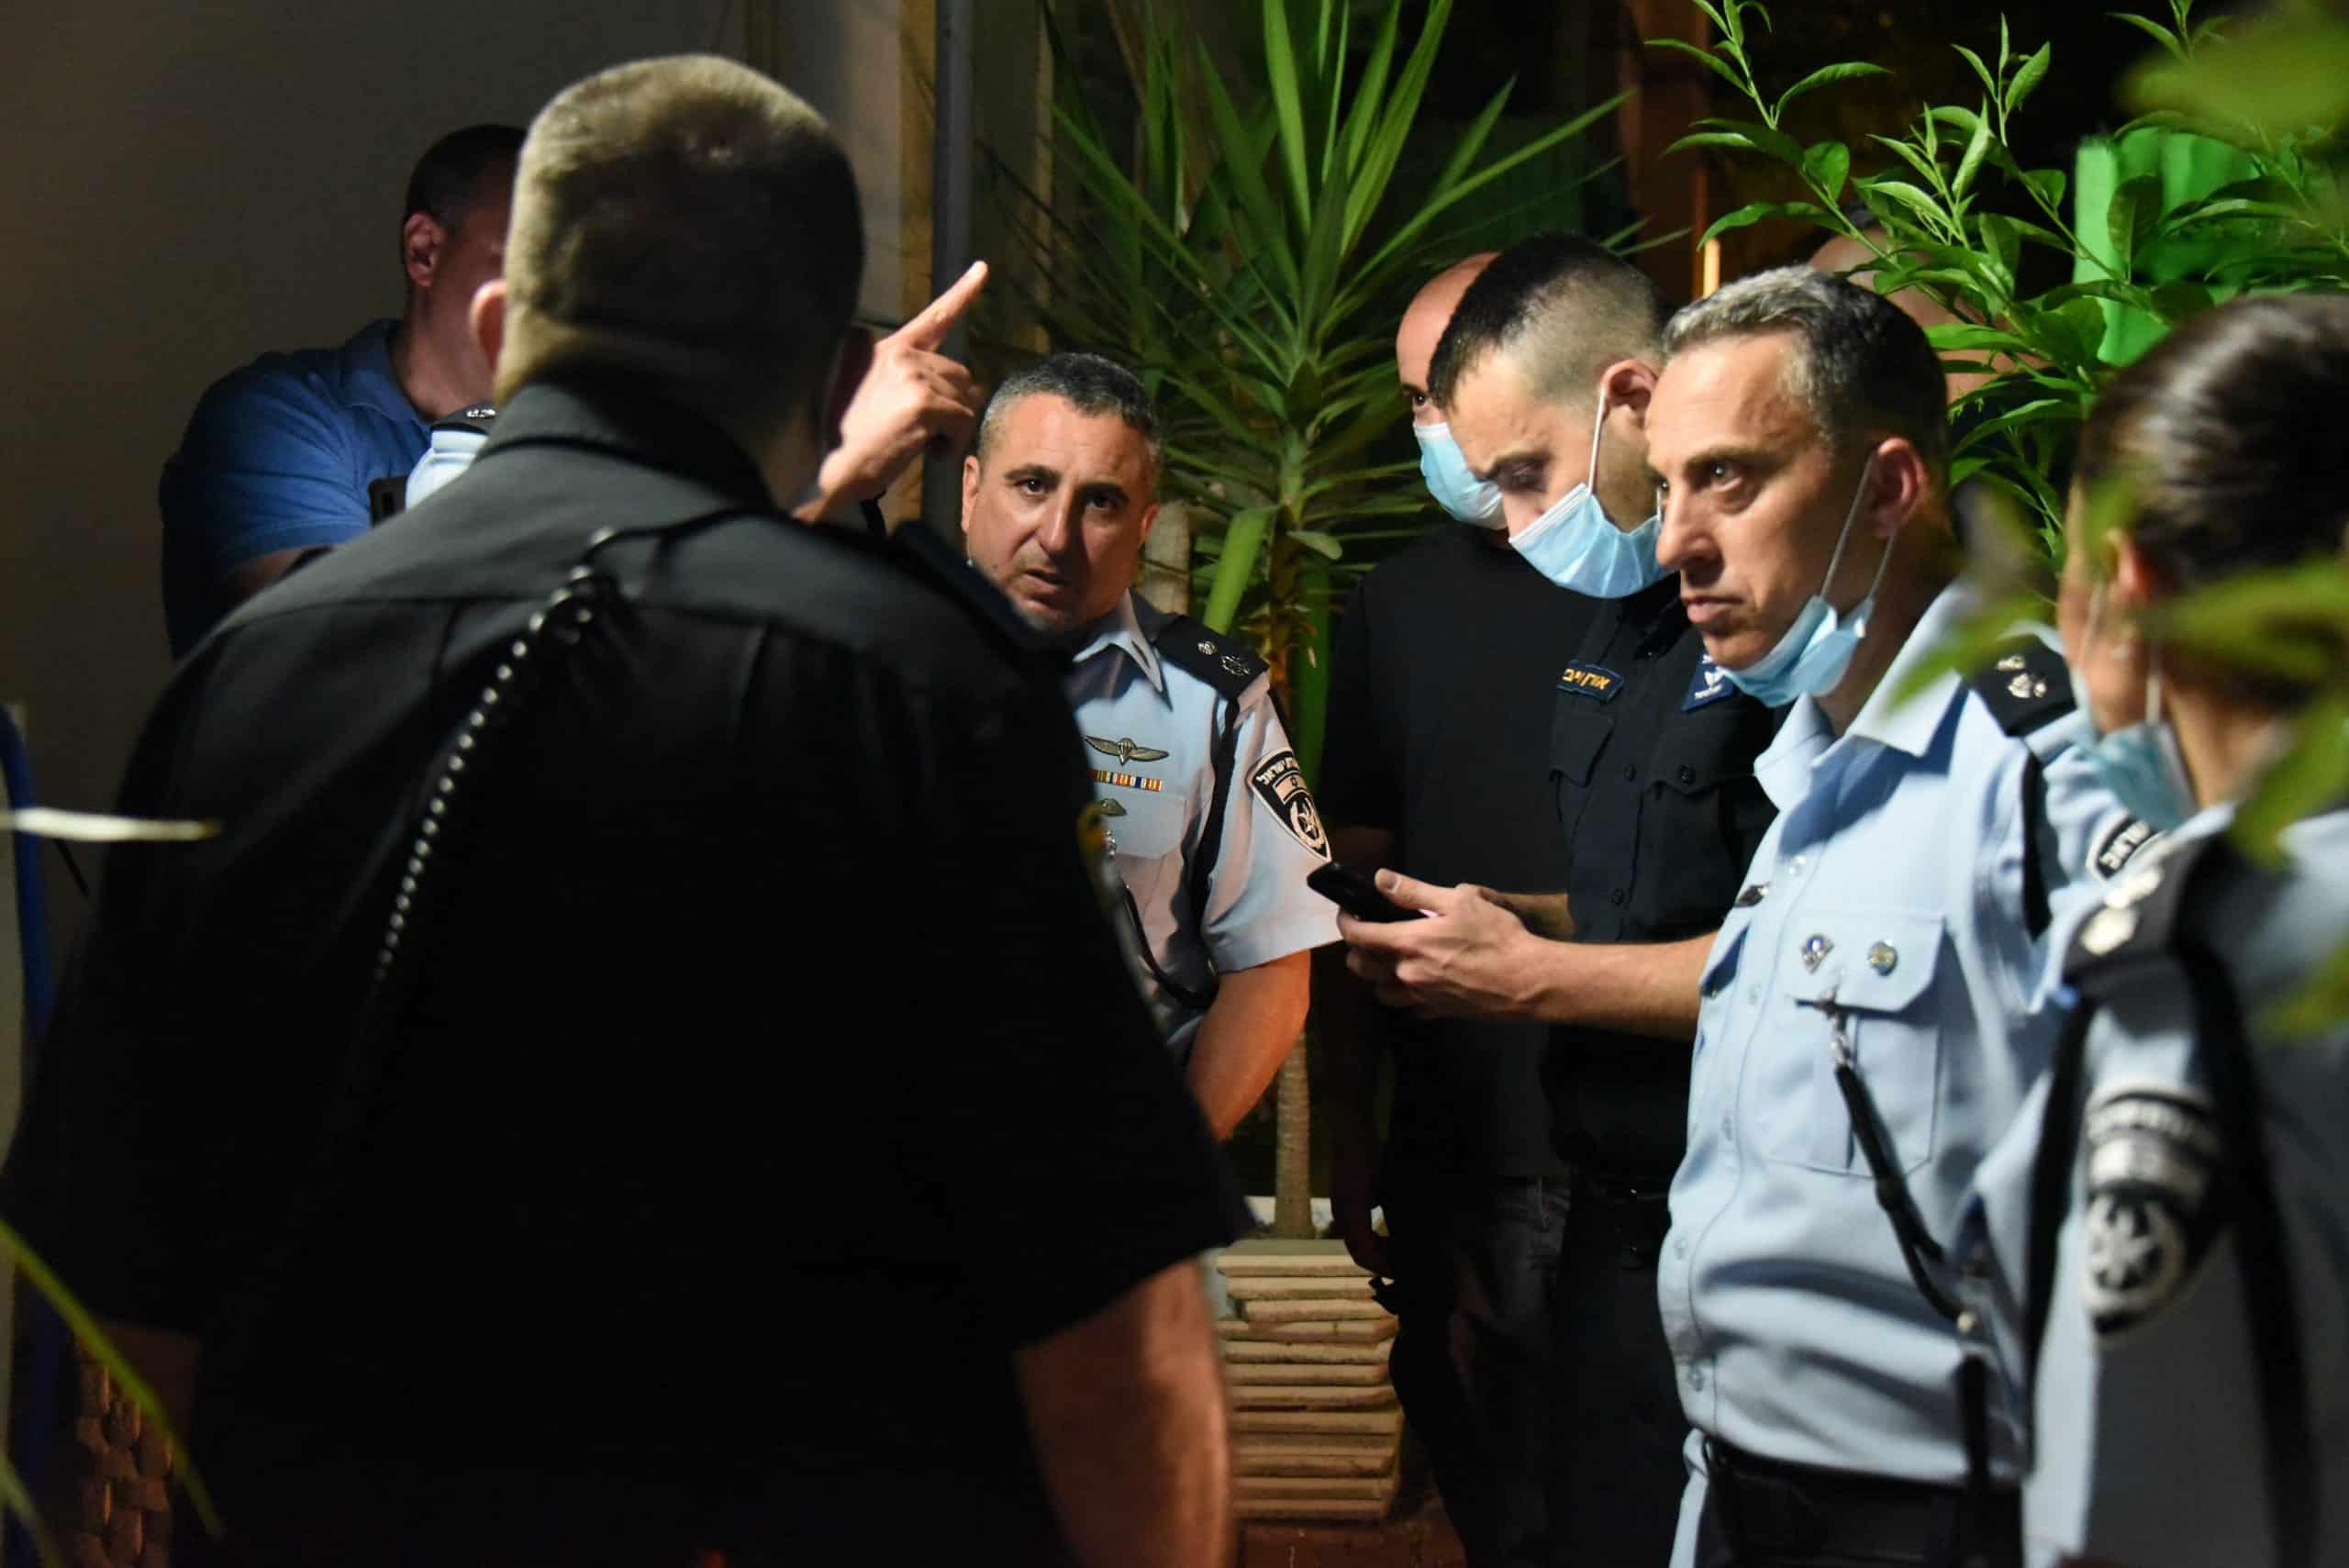 חקירת המשטרה בזירת האירוע. צילום: משטרת ישראל